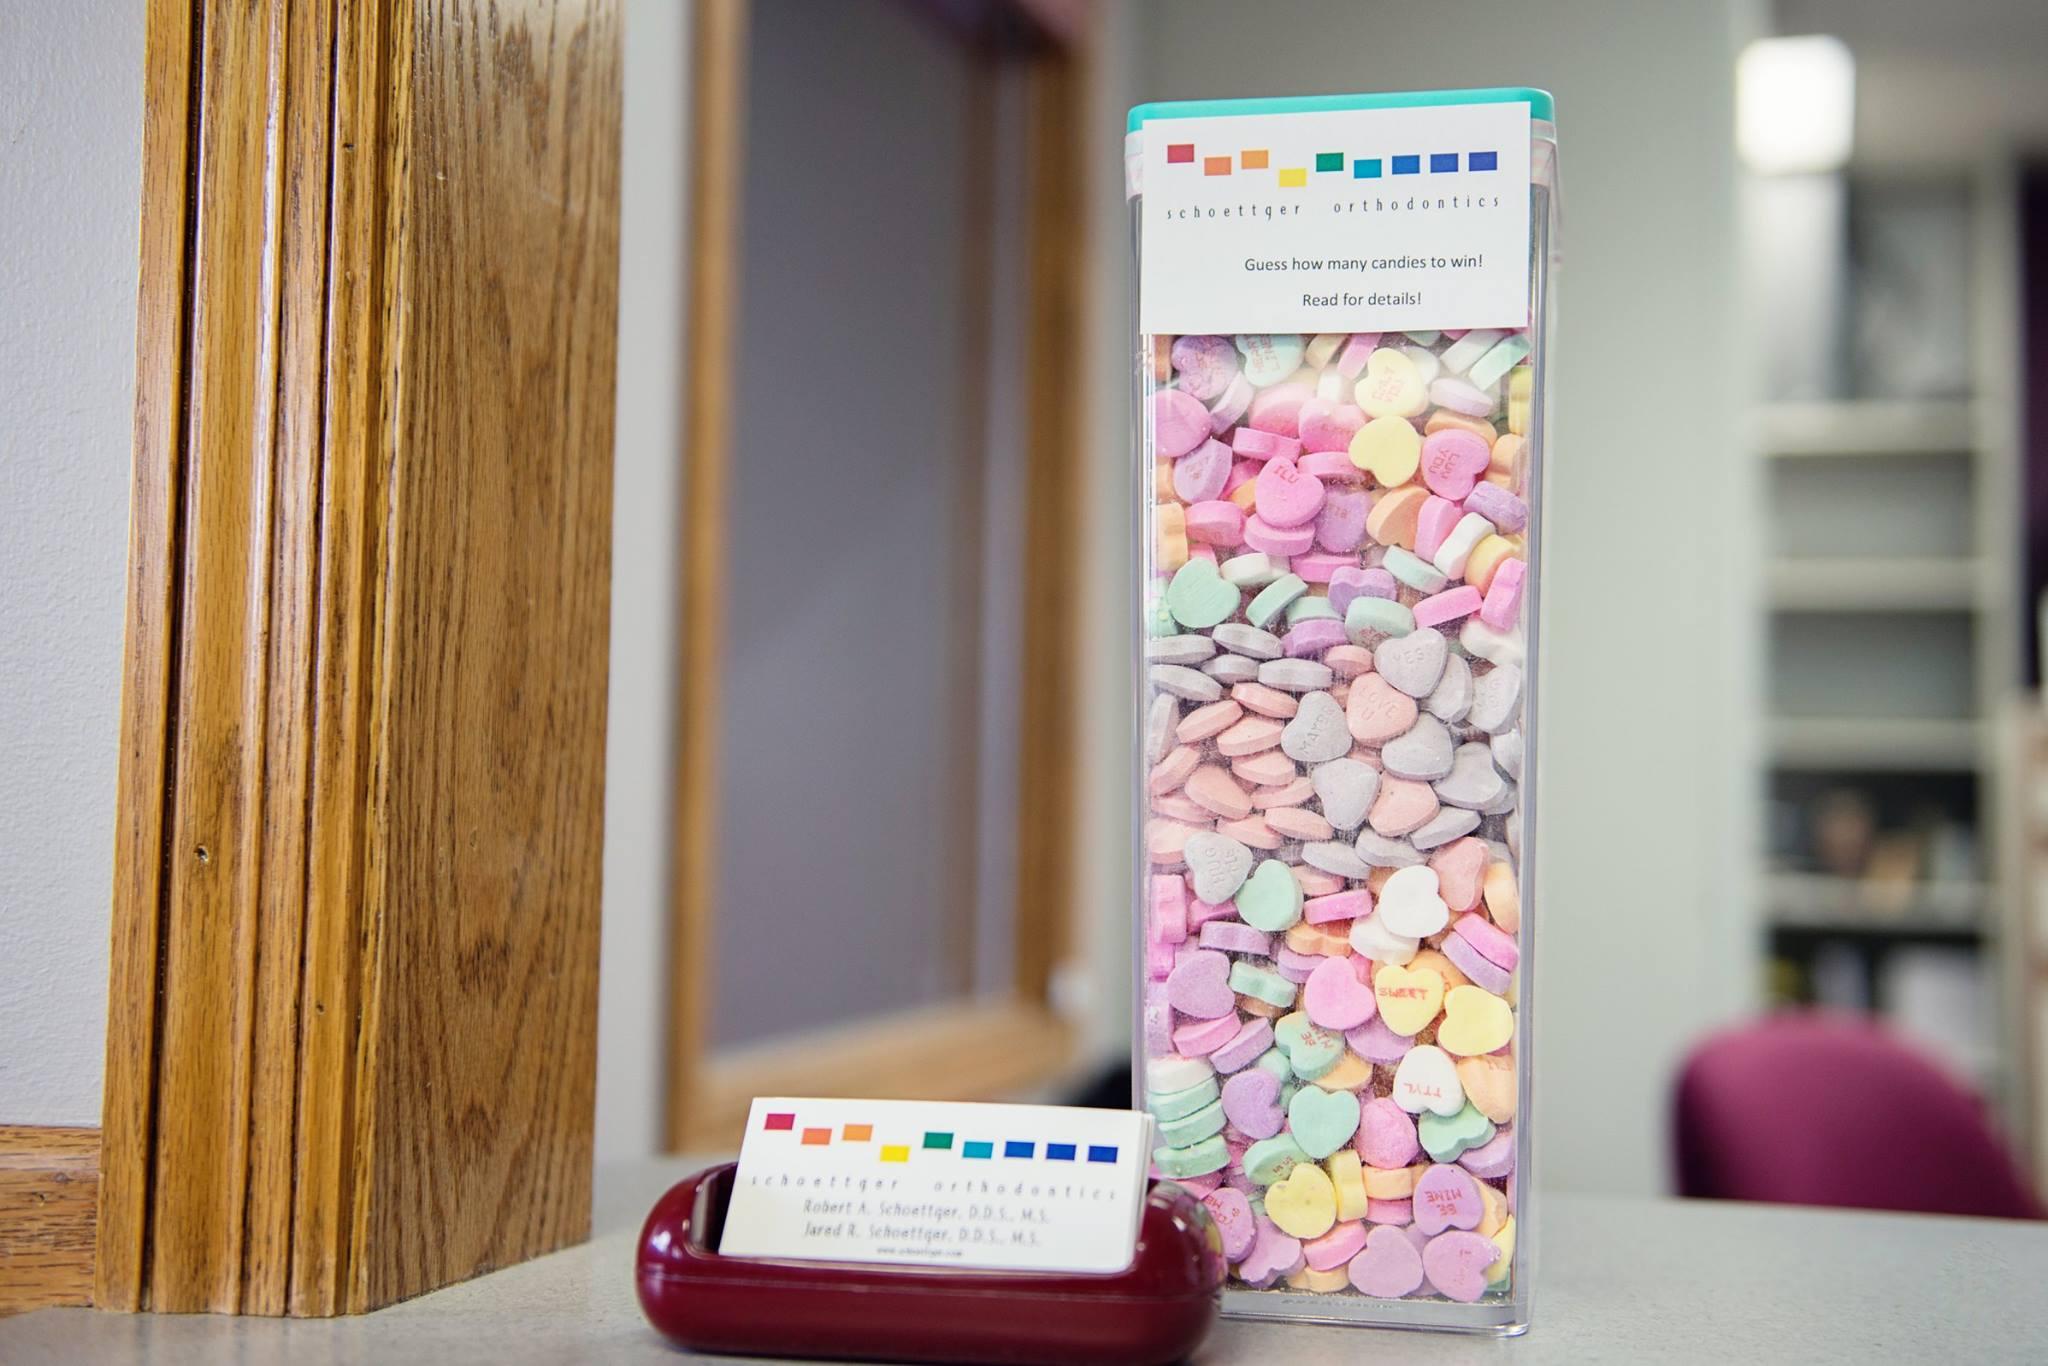 Bellevue Valentine's Estimation Station